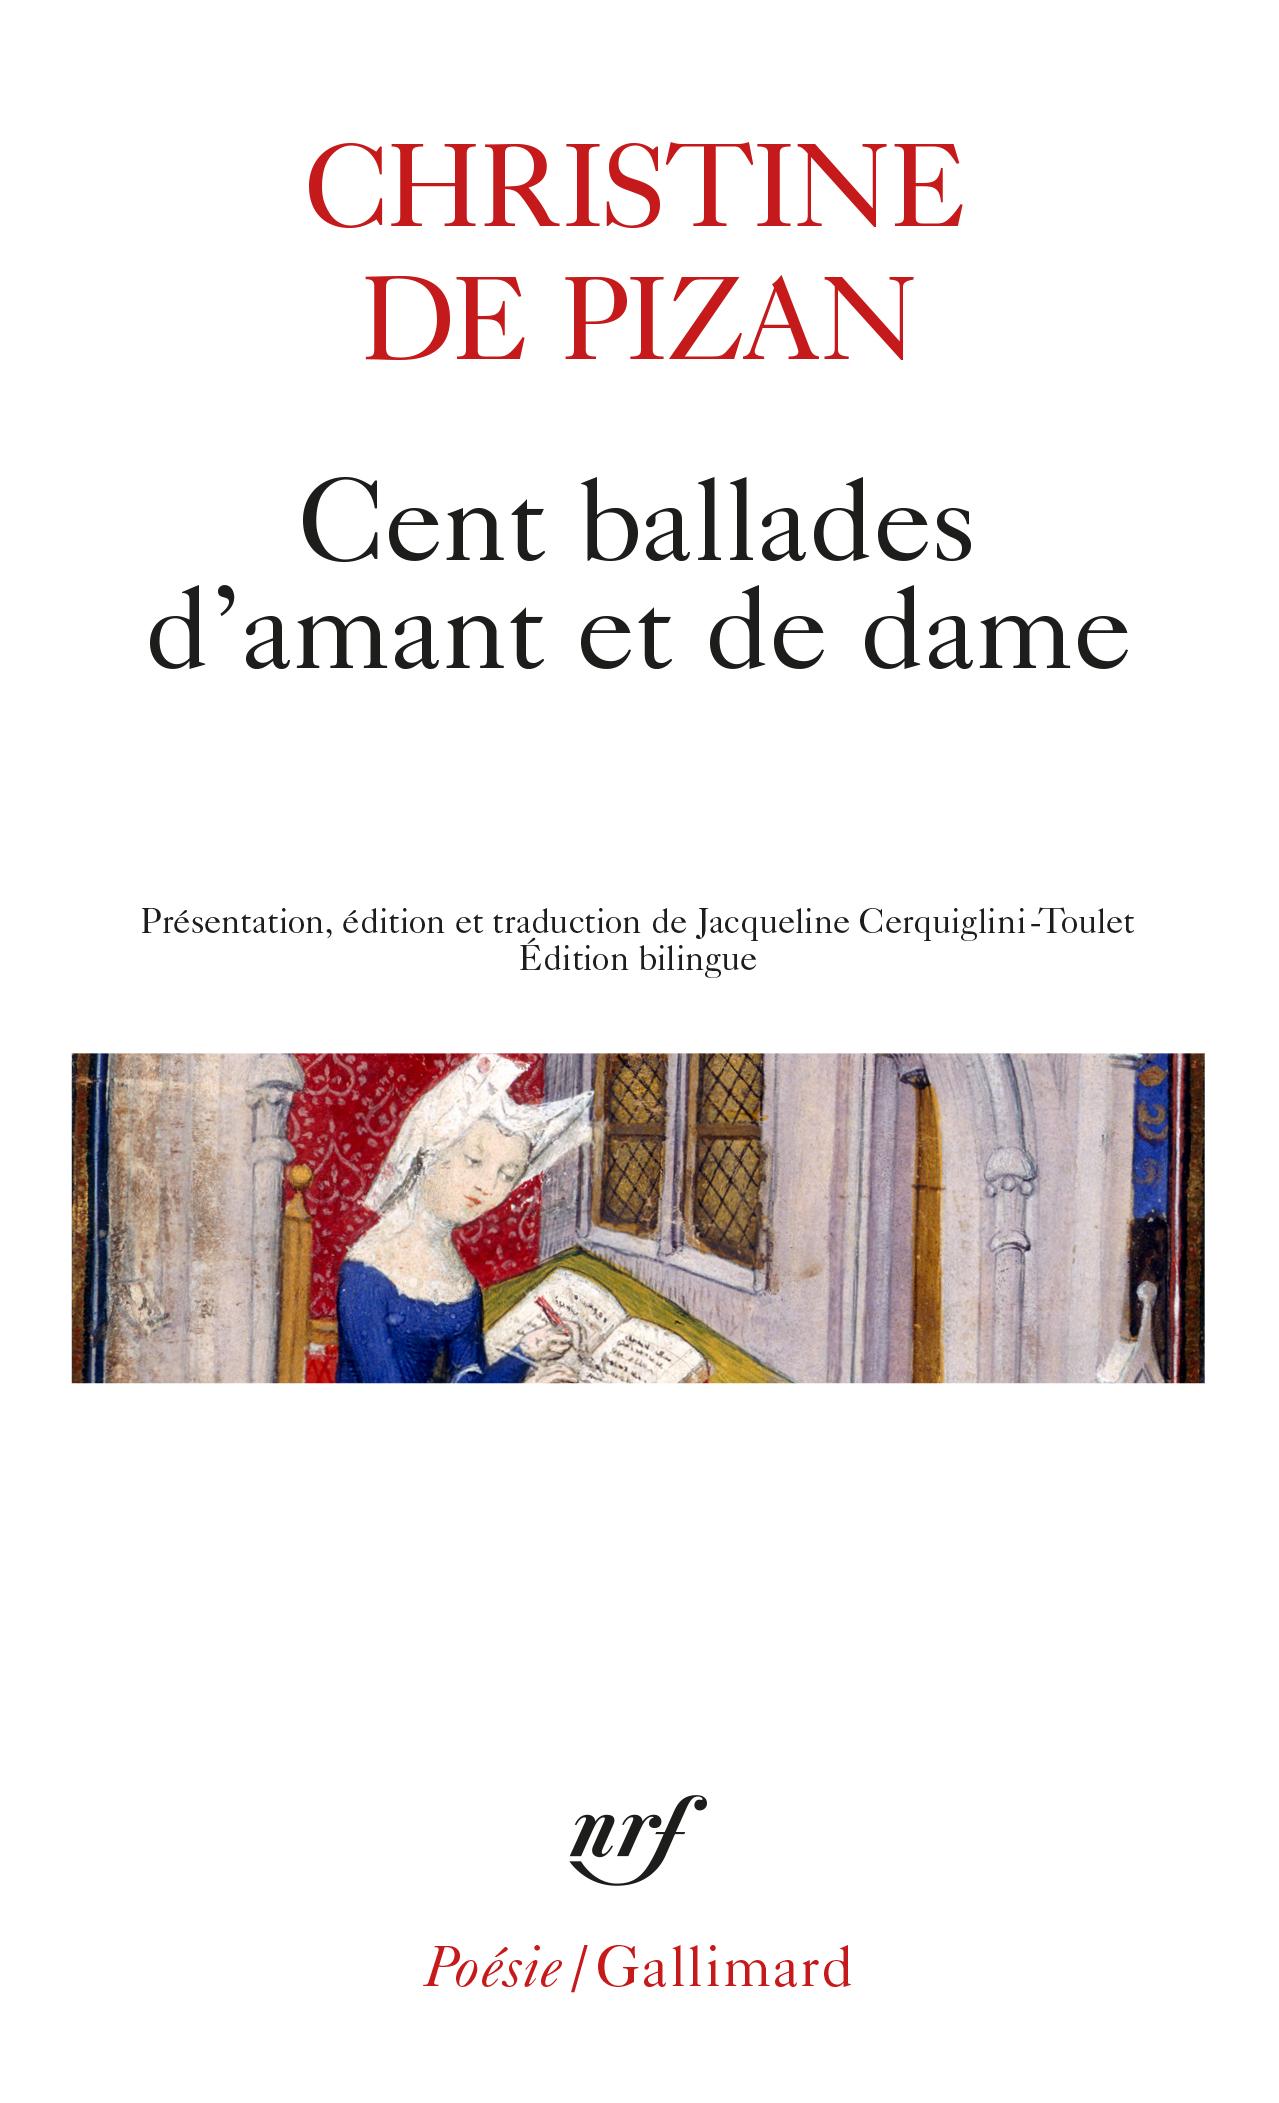 Christine de Pizan, Cent ballades d'amant et de dame